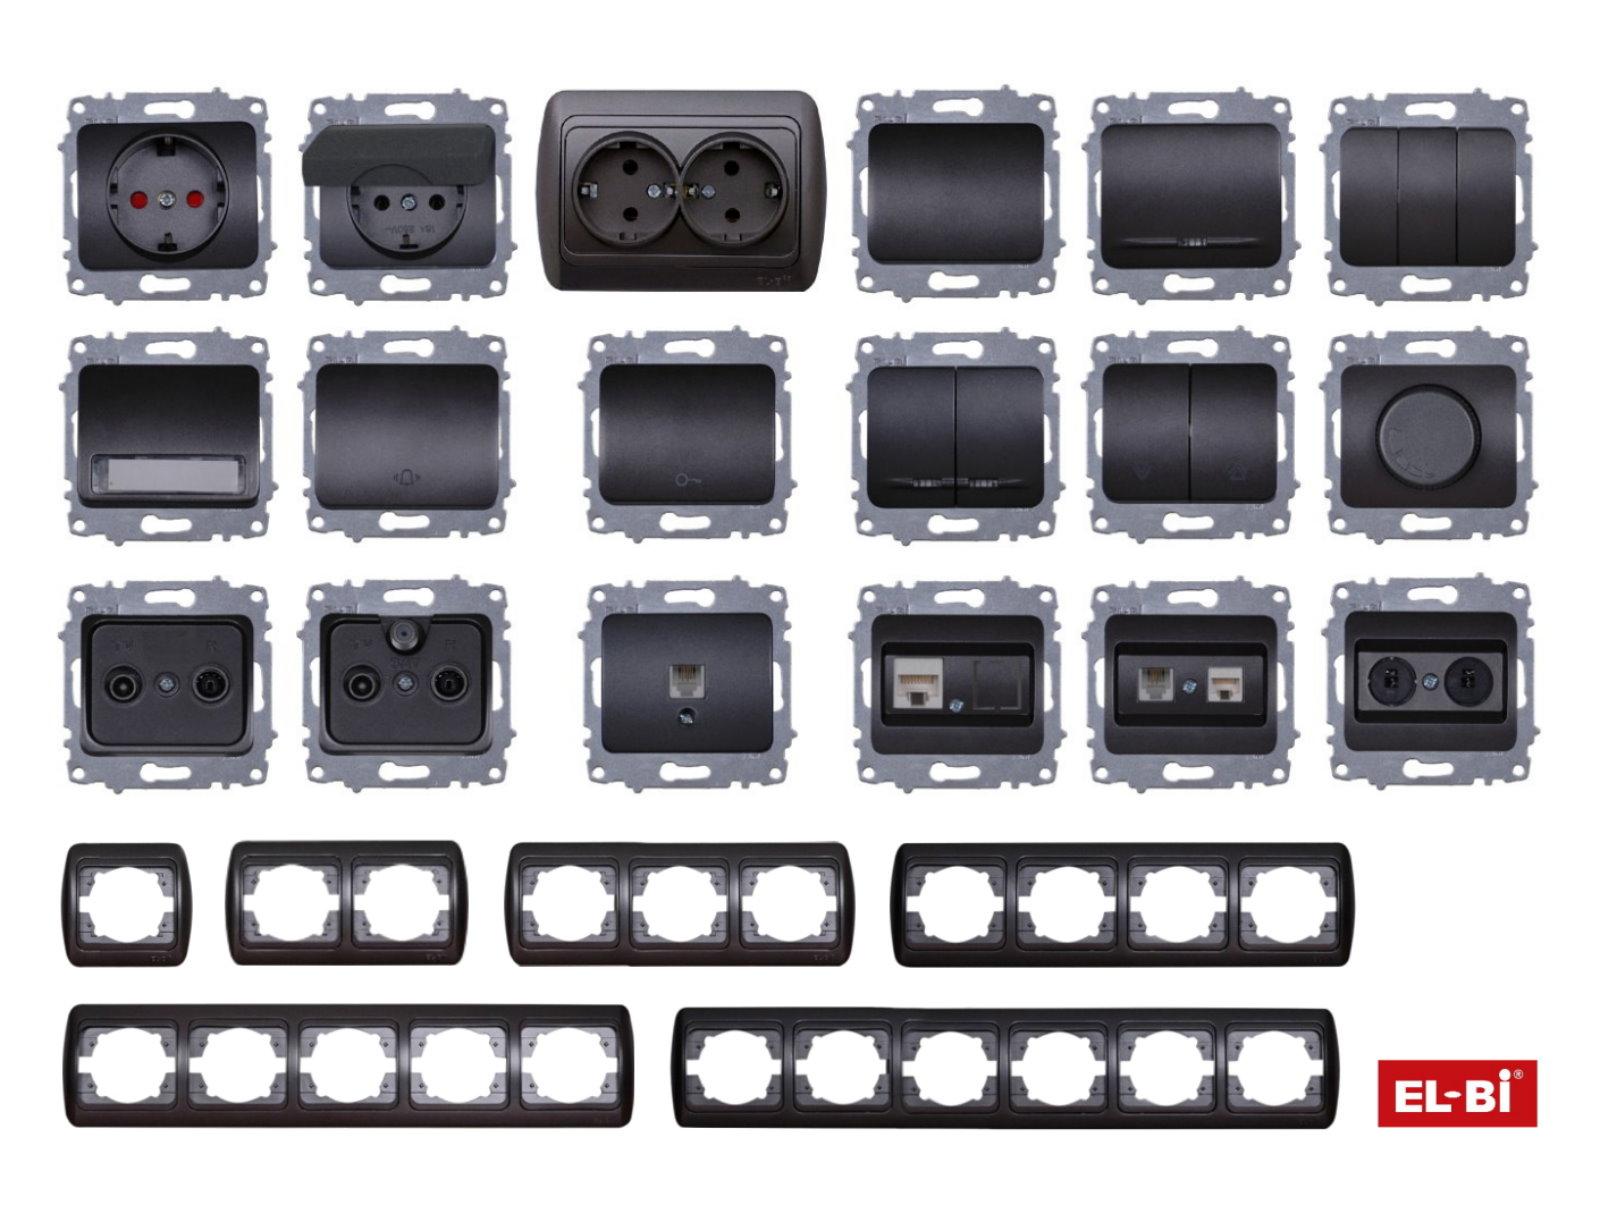 kopp up schalter feuchtraum ip44 unterputz aussen schalter. Black Bedroom Furniture Sets. Home Design Ideas